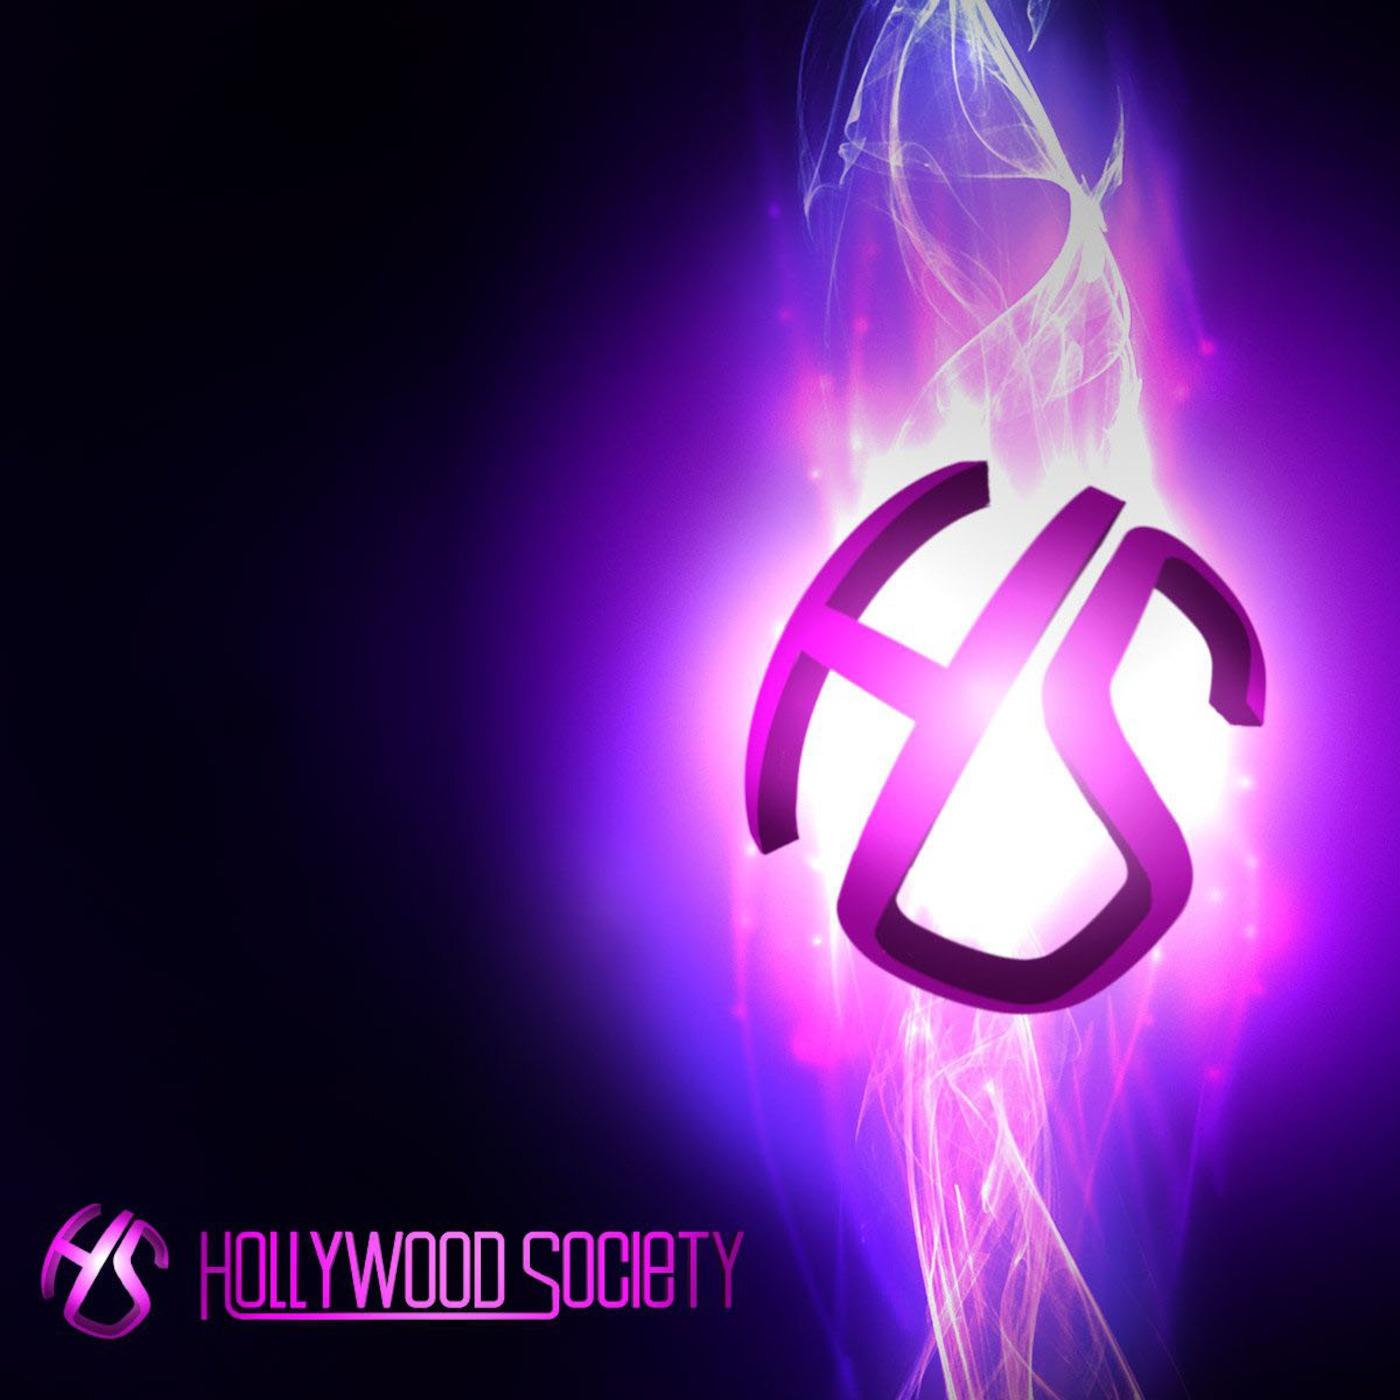 Hollywood Society HouseCast